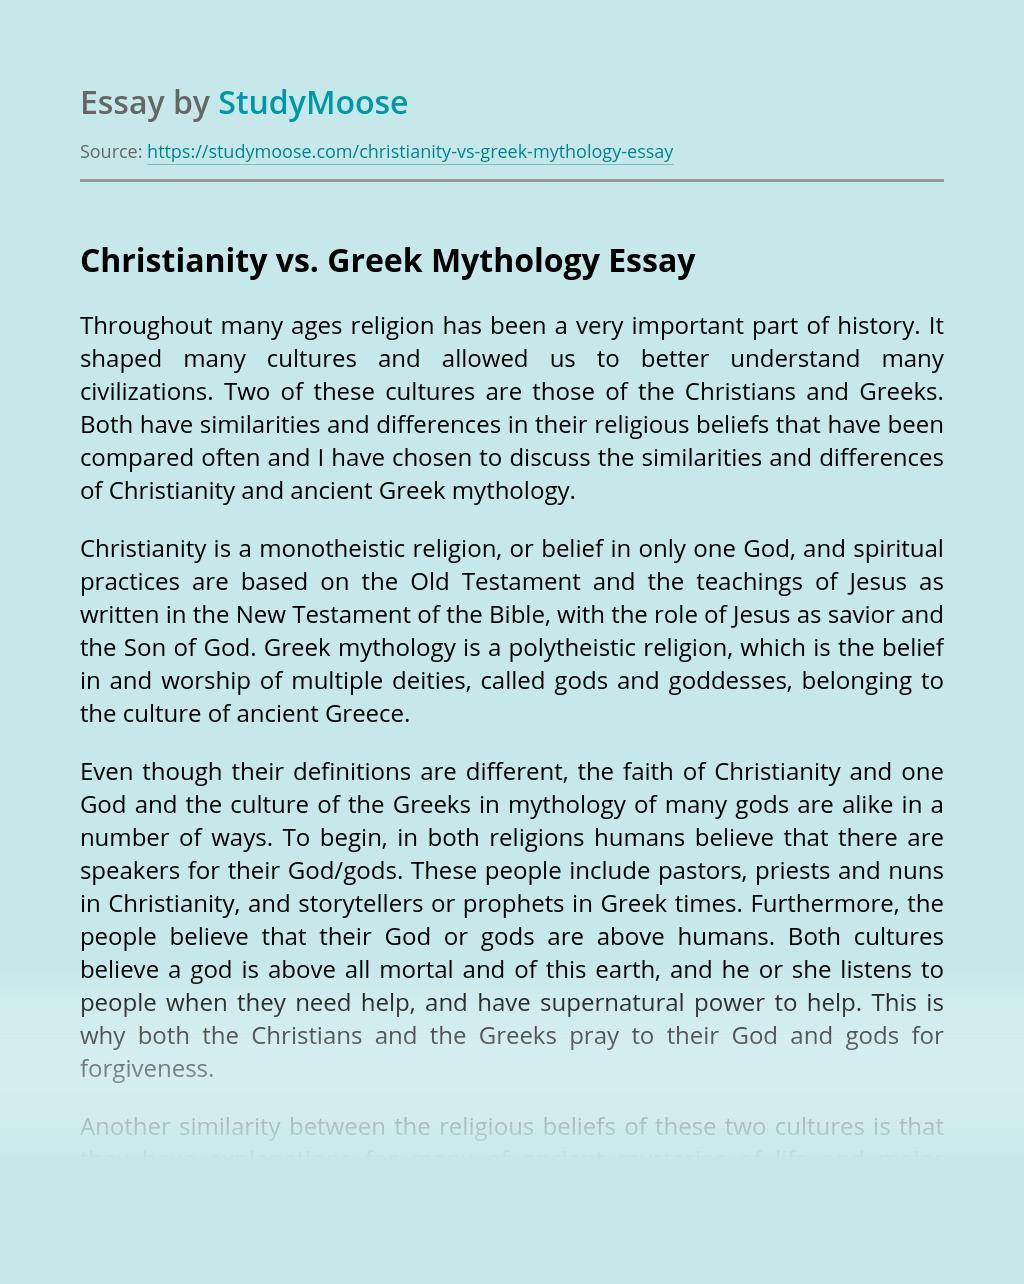 Christianity vs. Greek Mythology